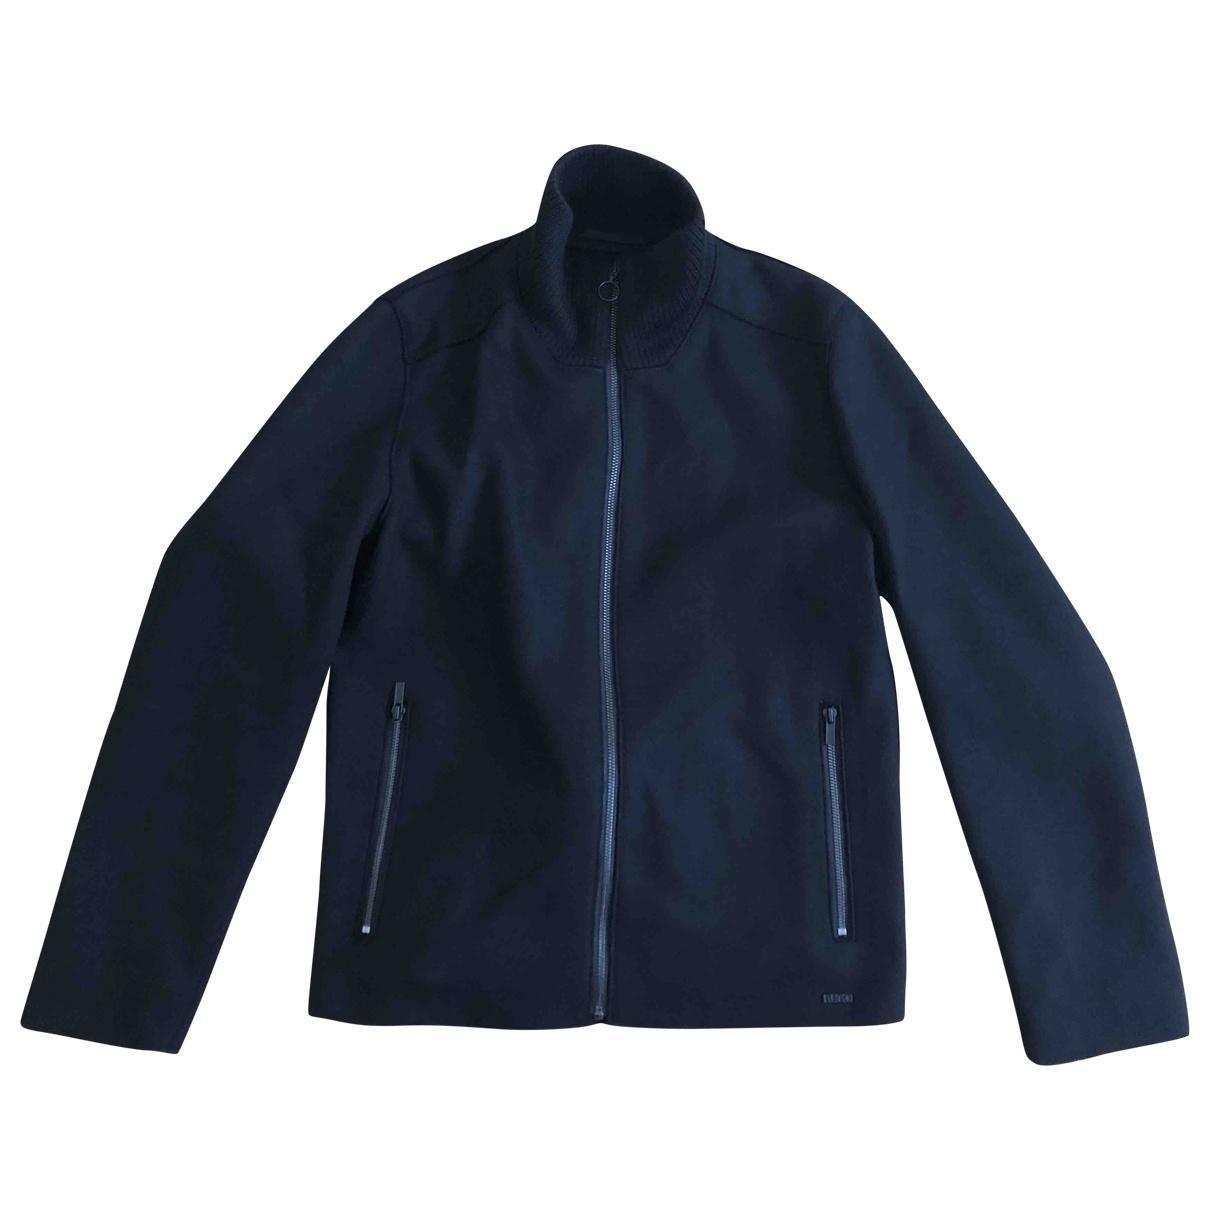 Hugo Boss \N Black jacket  for Men S International